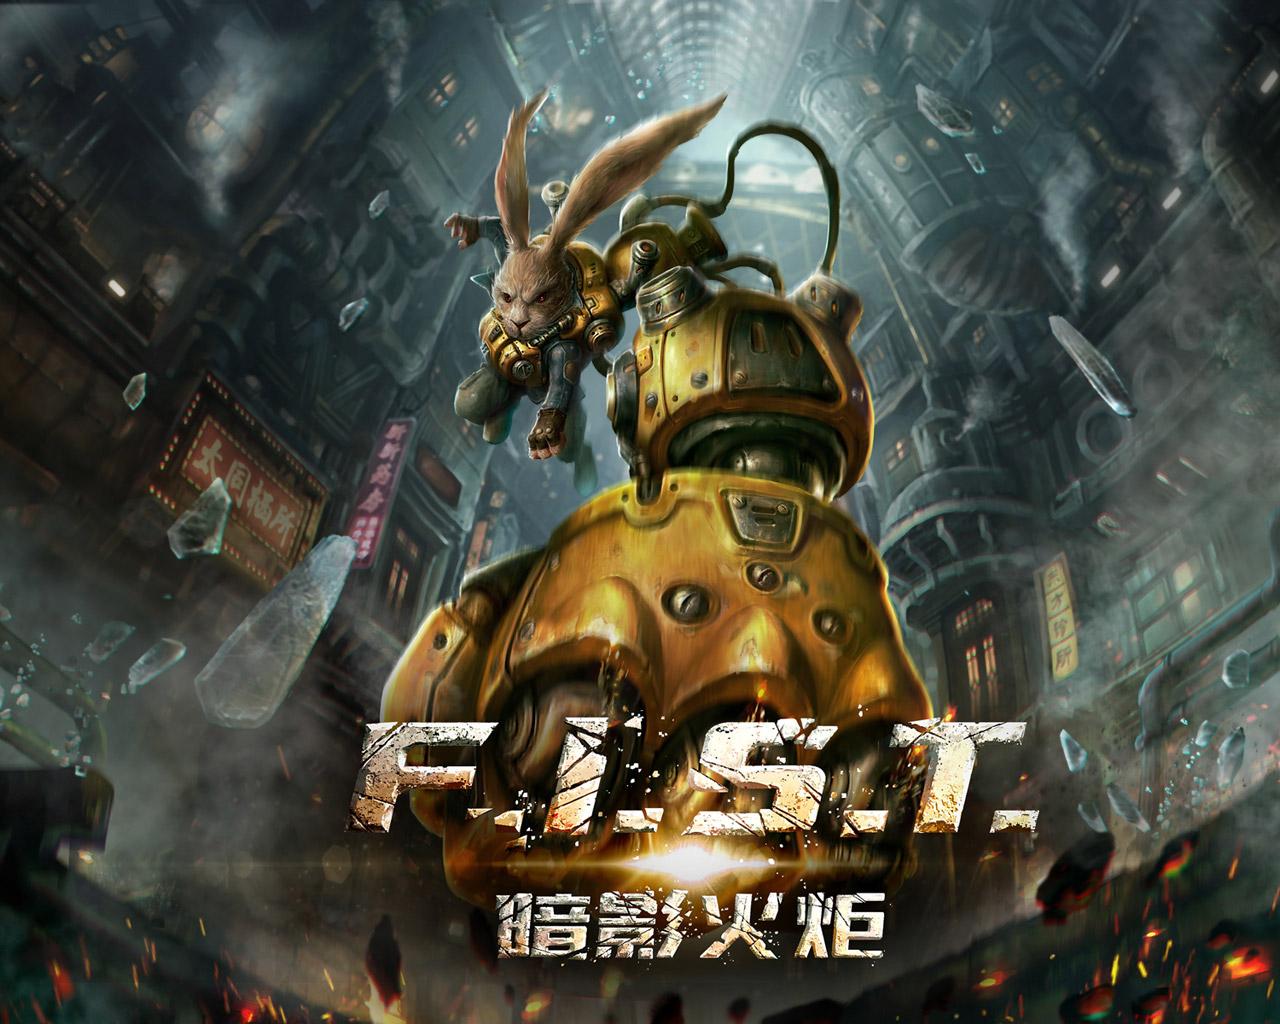 Free F.I.S.T. Wallpaper in 1280x1024